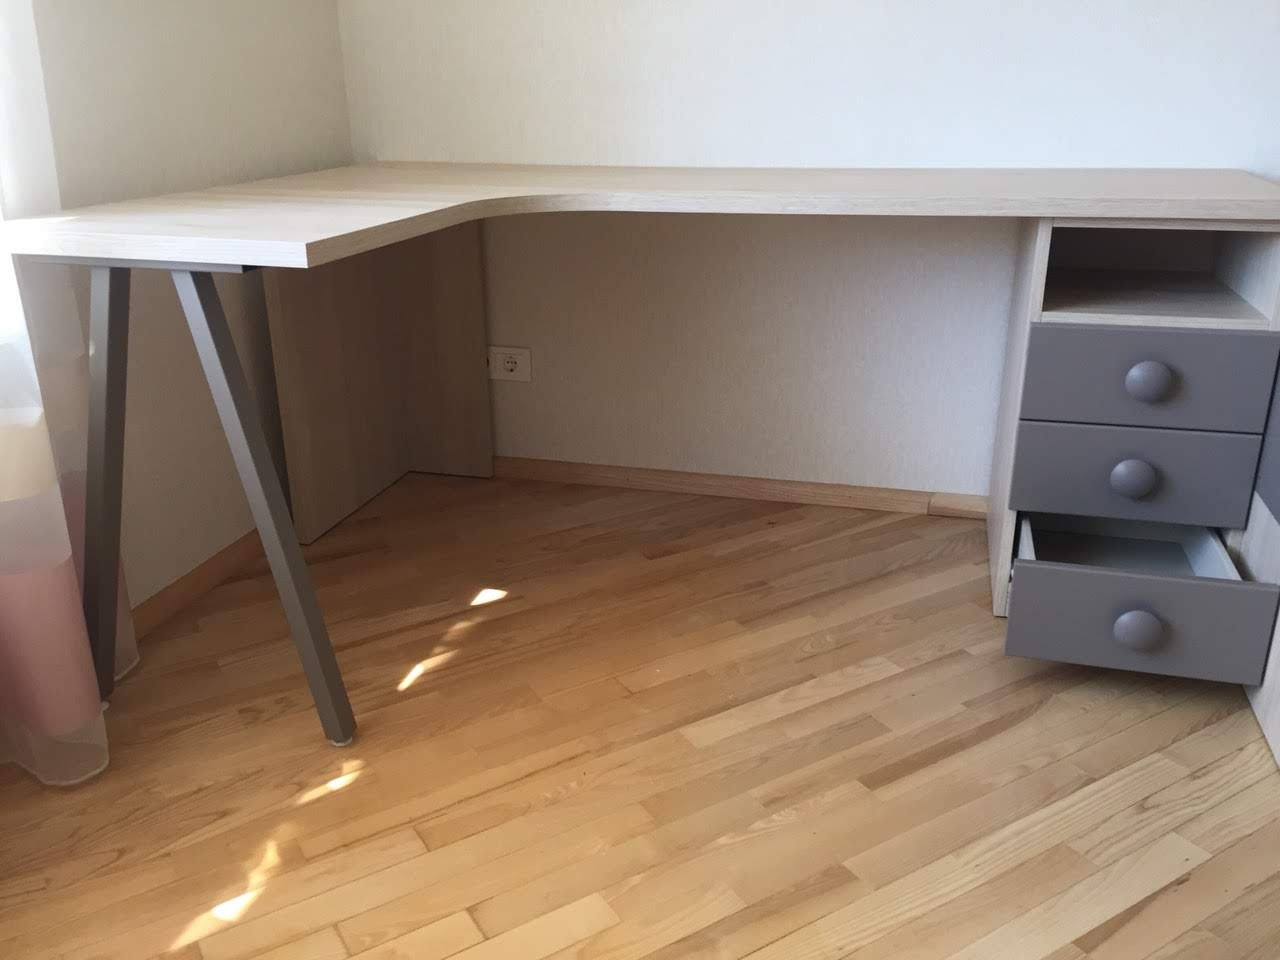 jaunuolio-kambario-baldai-vaikams-forma (2).jpg